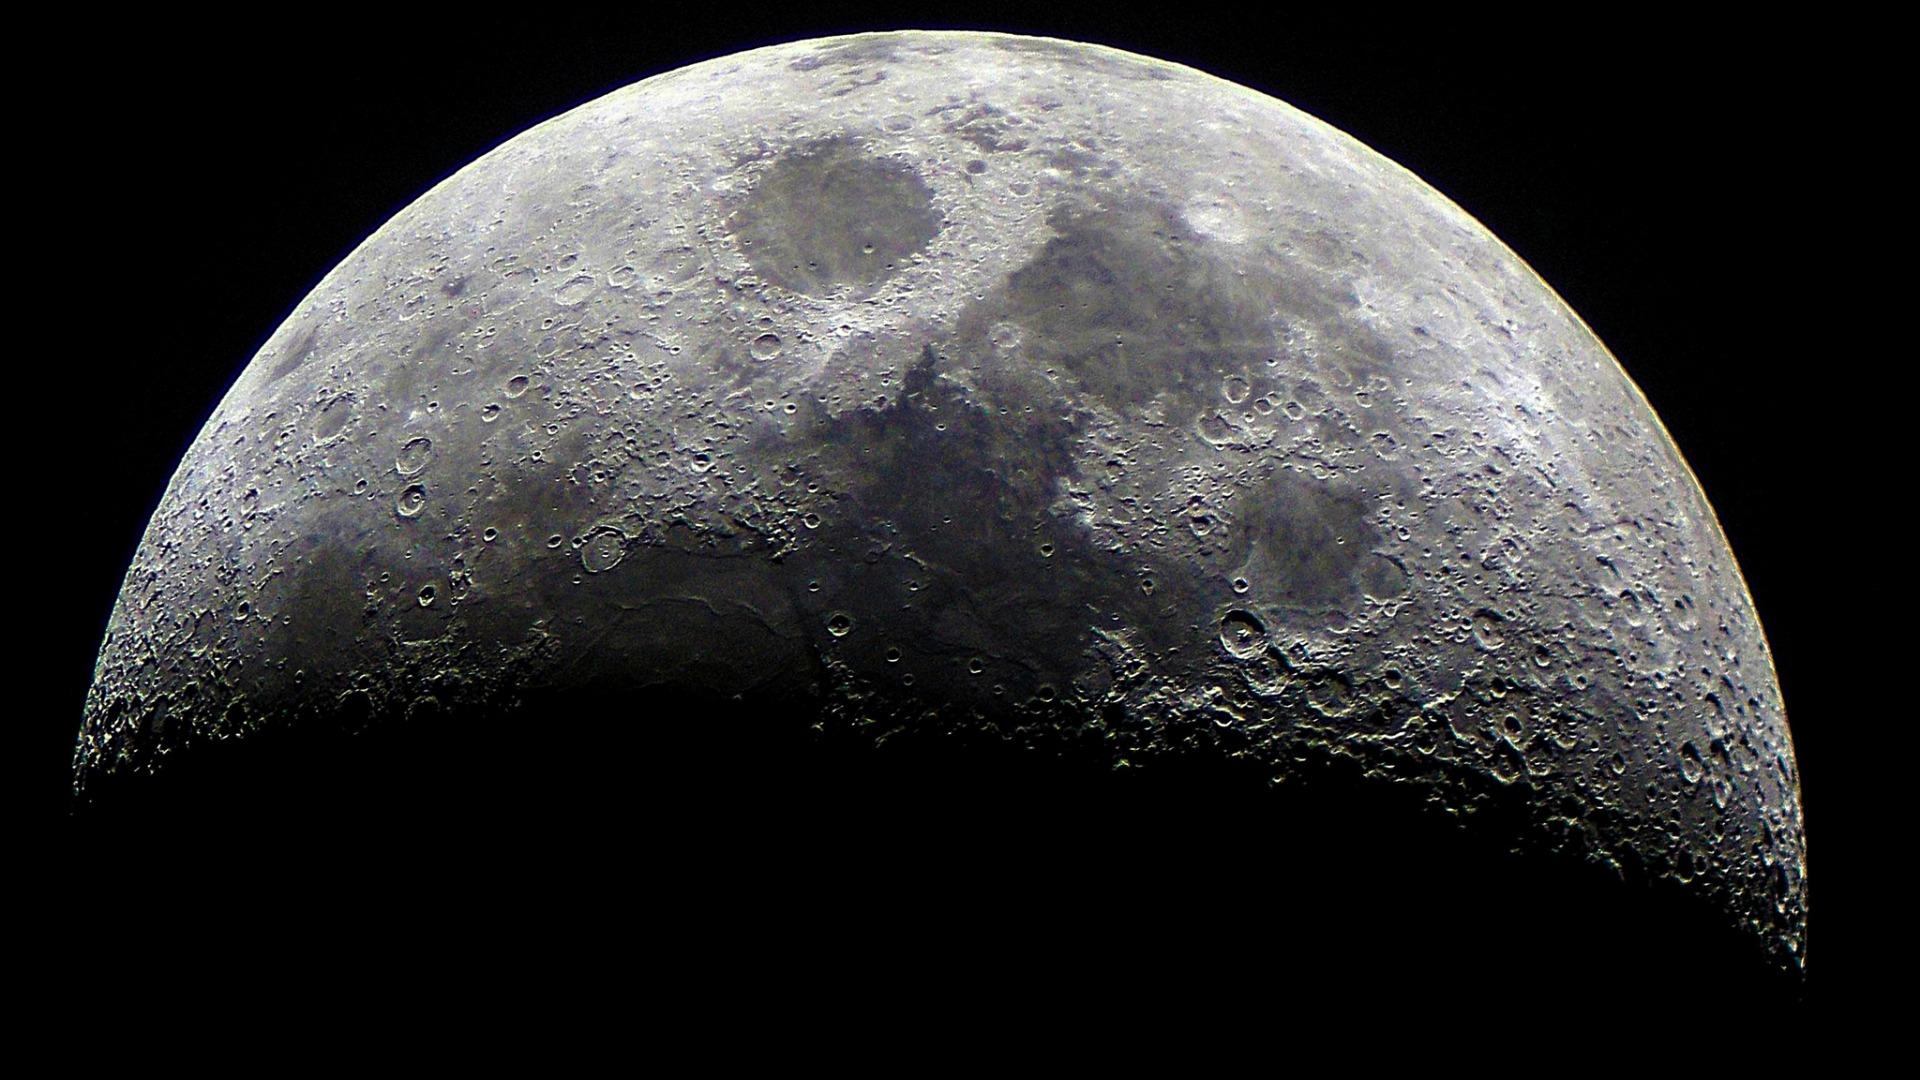 Специалисты NASA обнаружили воду на освещаемой части Луны